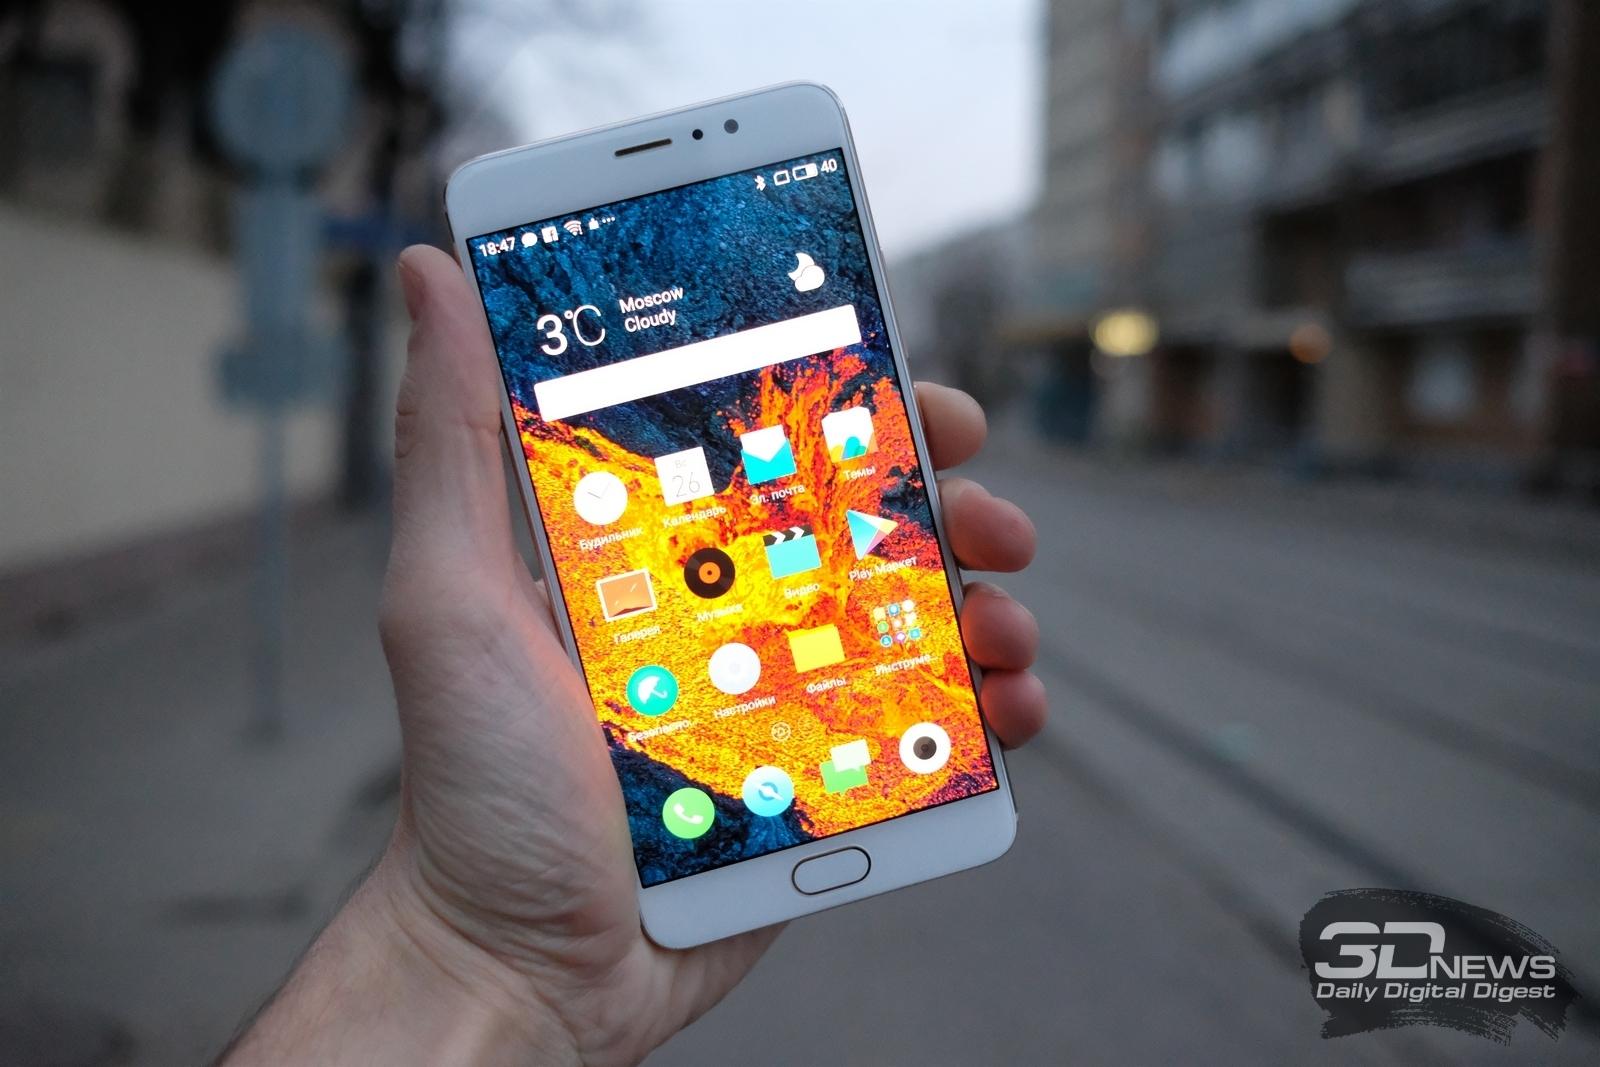 Новая статья: Обзор смартфонаMeizuPro 6Plus: по корейскому следу